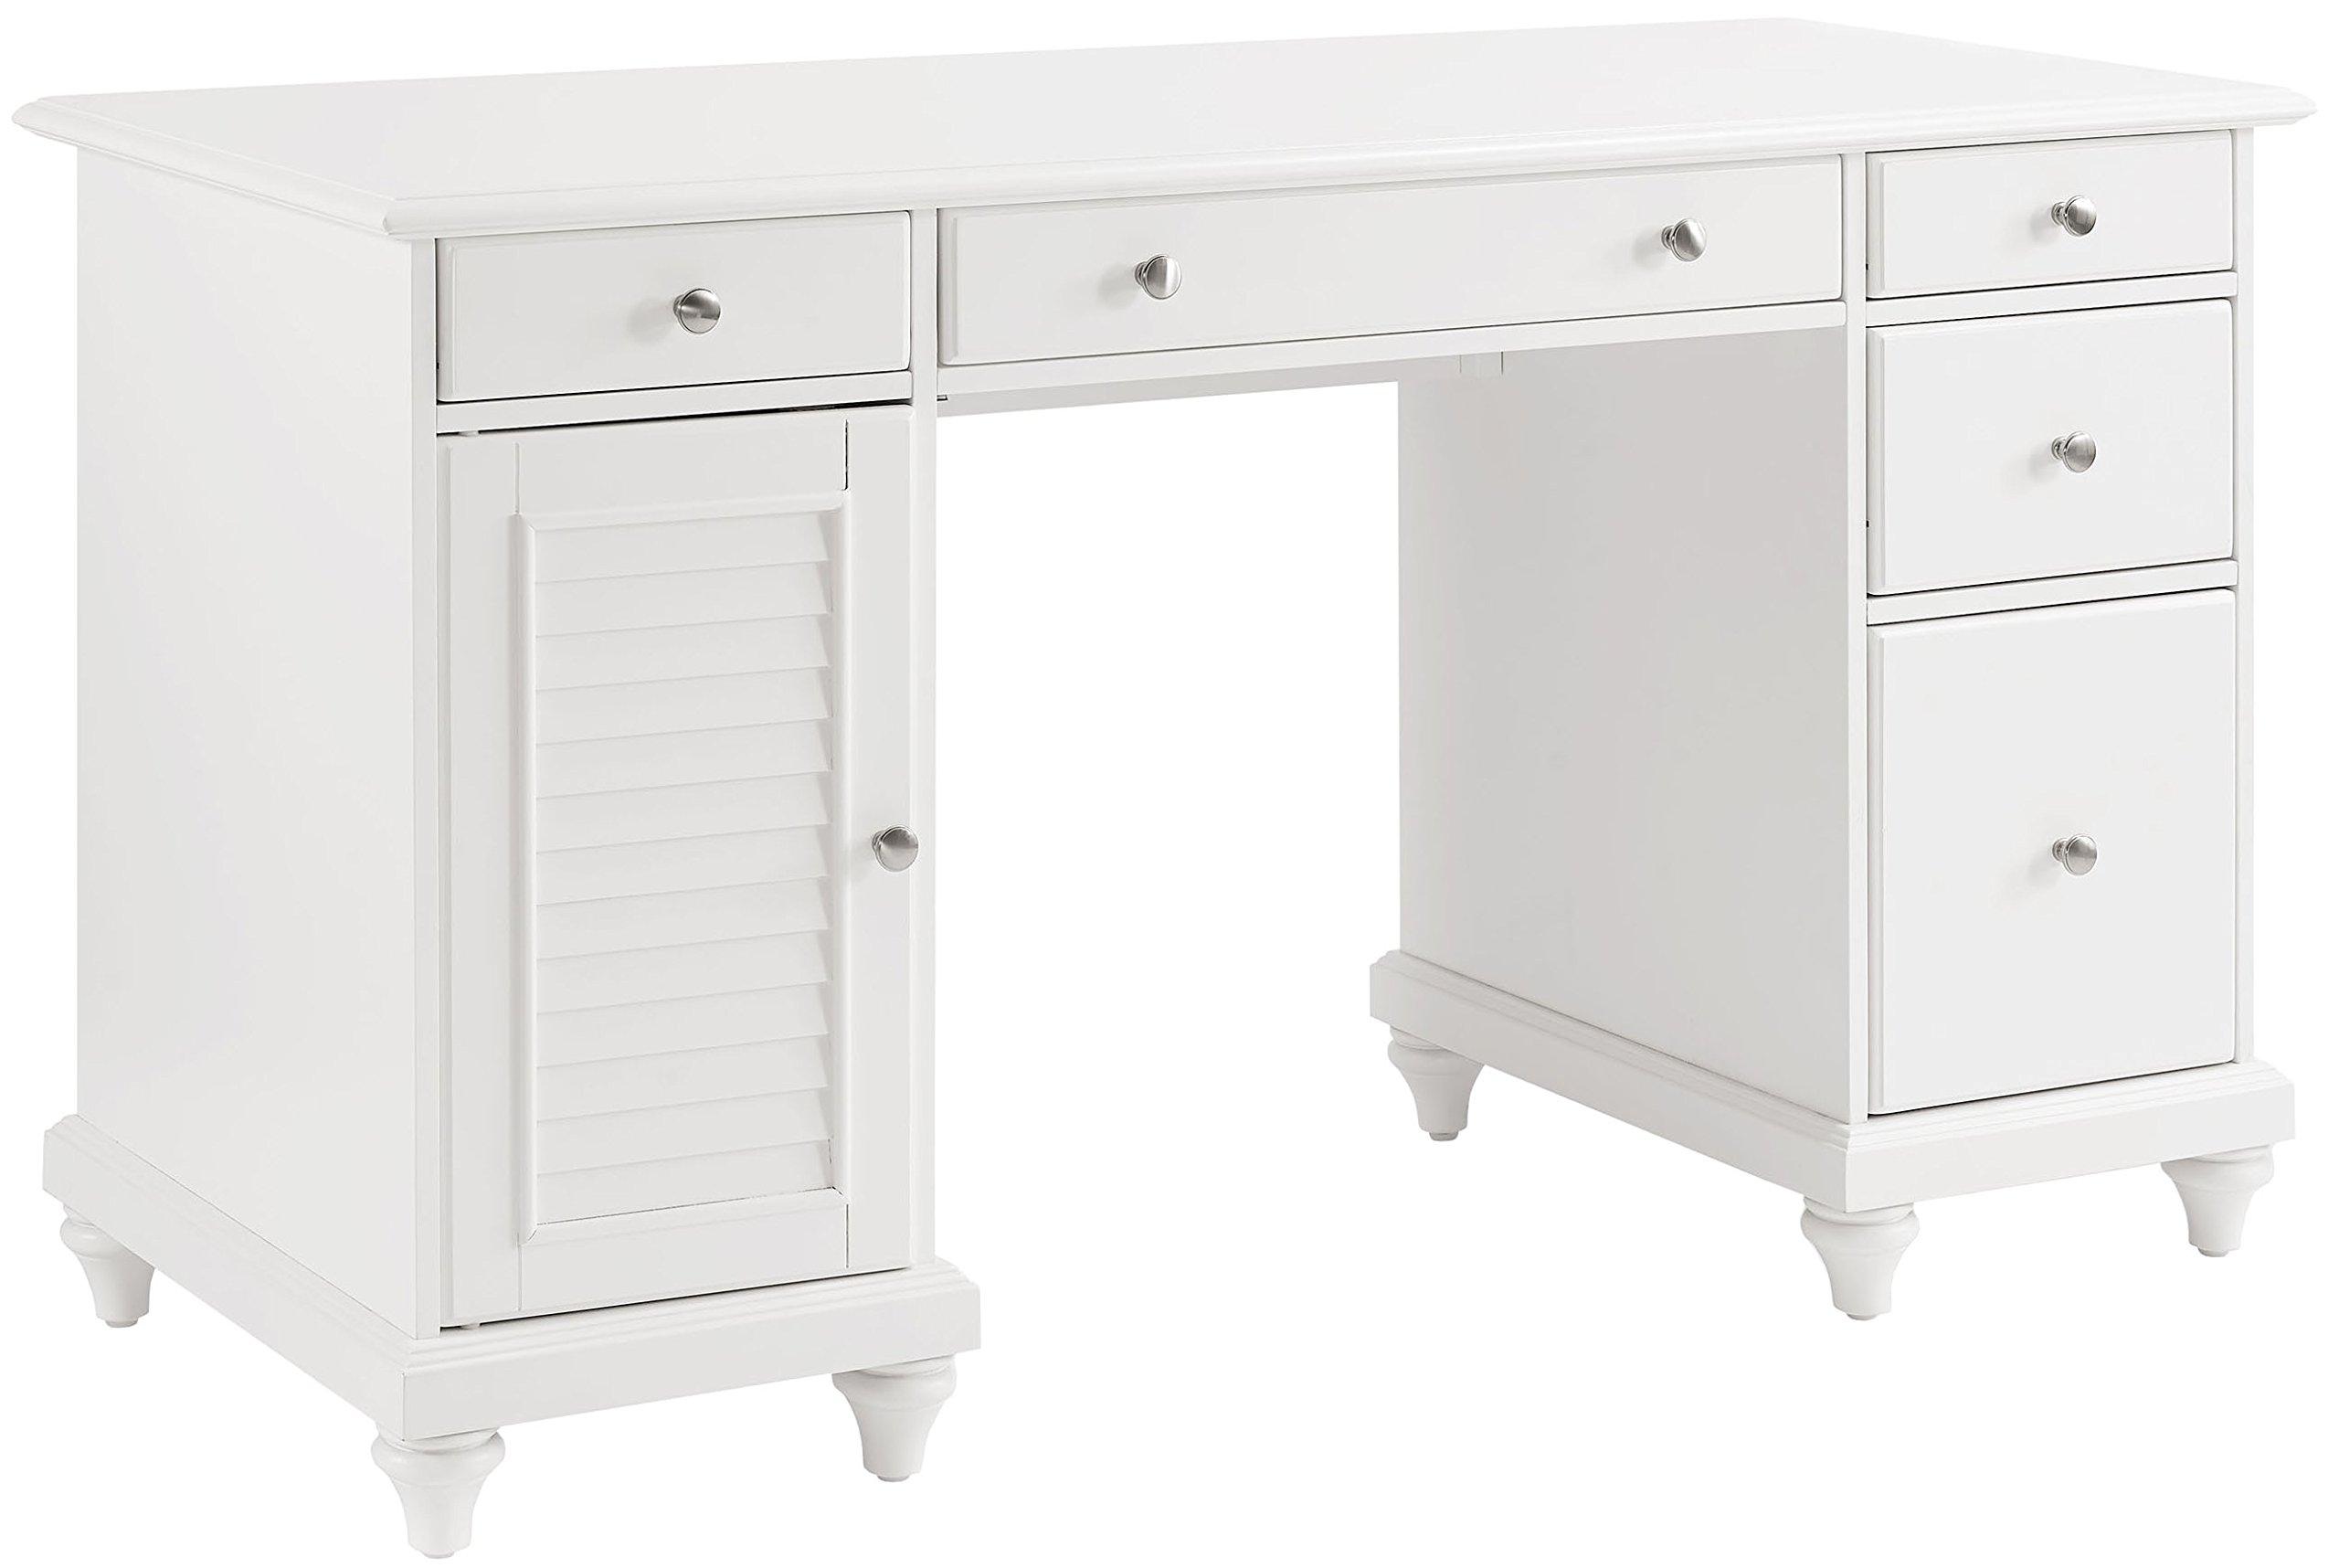 Crosley Furniture CF6507-WH Palmetto Computer Desk - White by Crosley Furniture